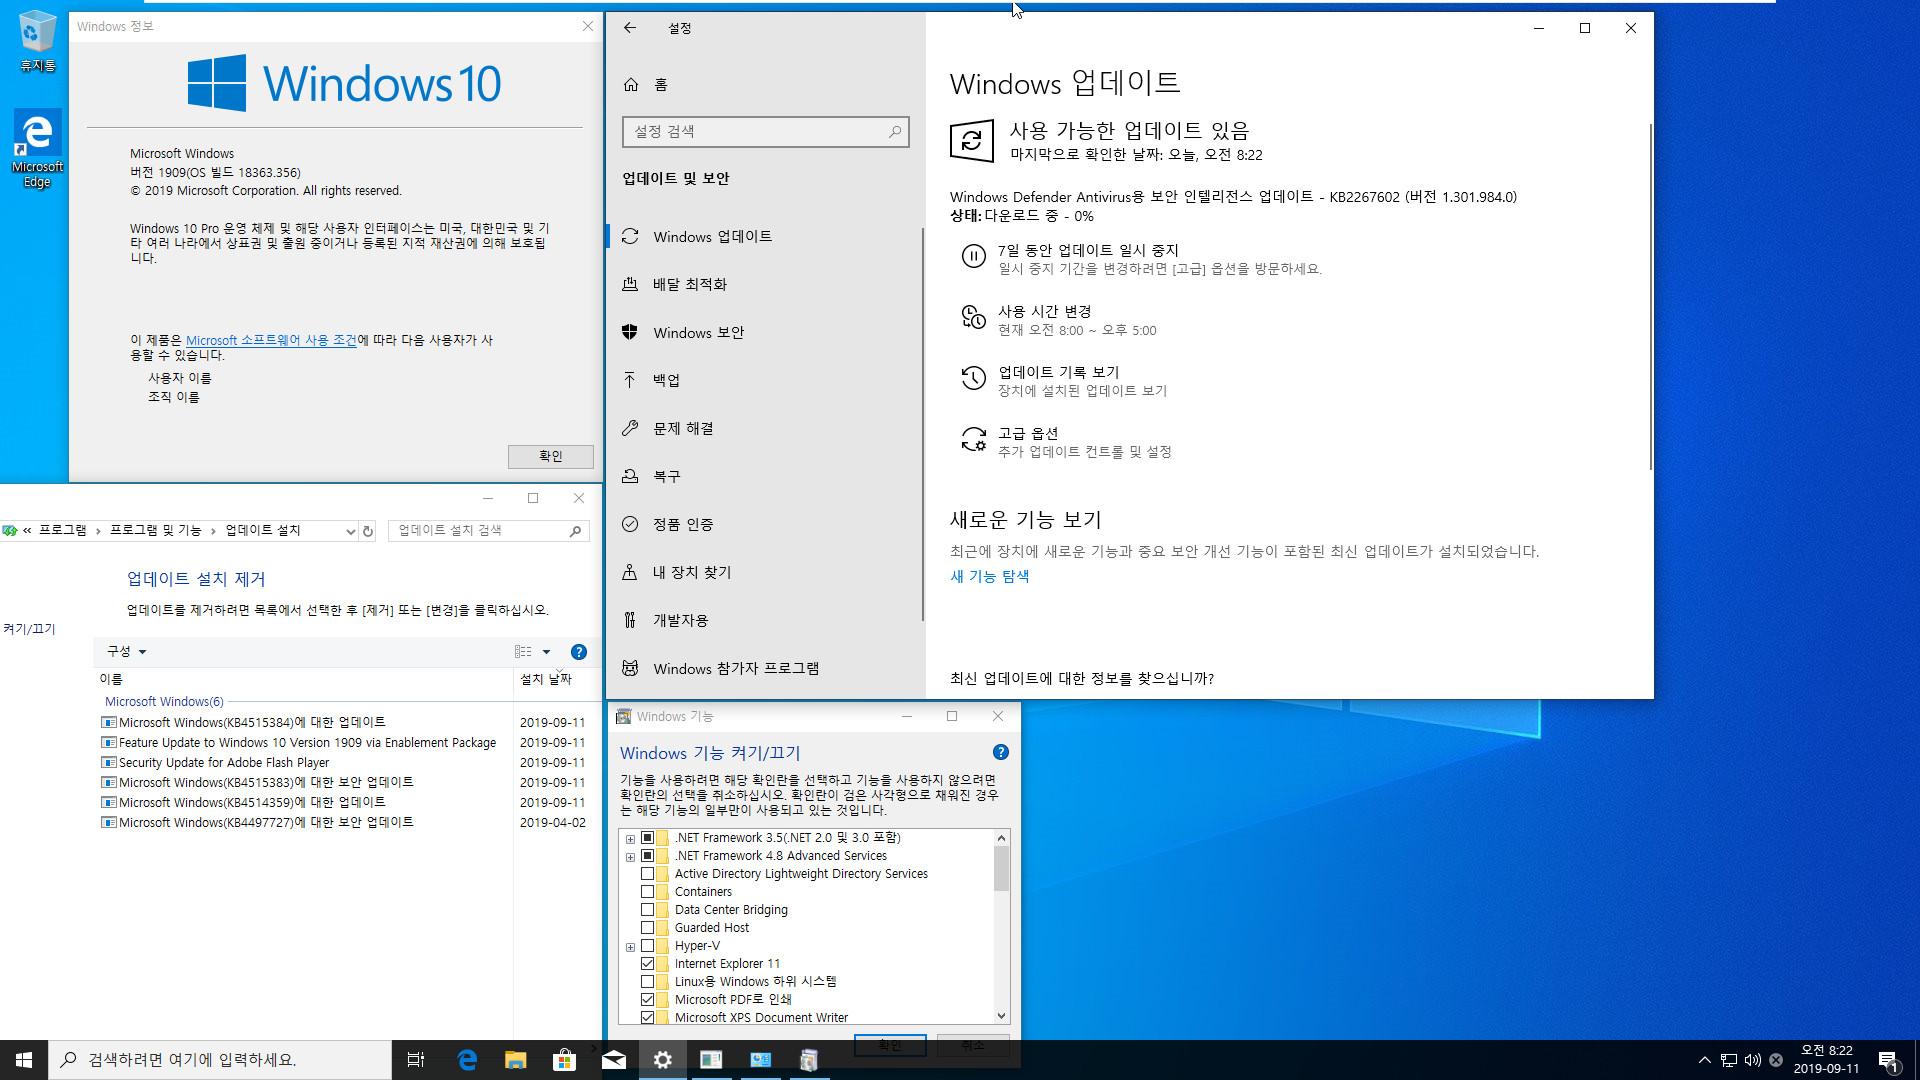 2019년 9월 11일 수요일 정기 업데이트 - Windows 10 버전 1909 누적 업데이트 KB4515384 (OS 빌드 18363.356) [2019-09-10 일자] 릴리스 프리뷰 - 프로 64비트만 통합중 입니다 - 빨간색으로 업데이트 누락되었다는 메시지는 없어졌네요 2019-09-11_082252.jpg